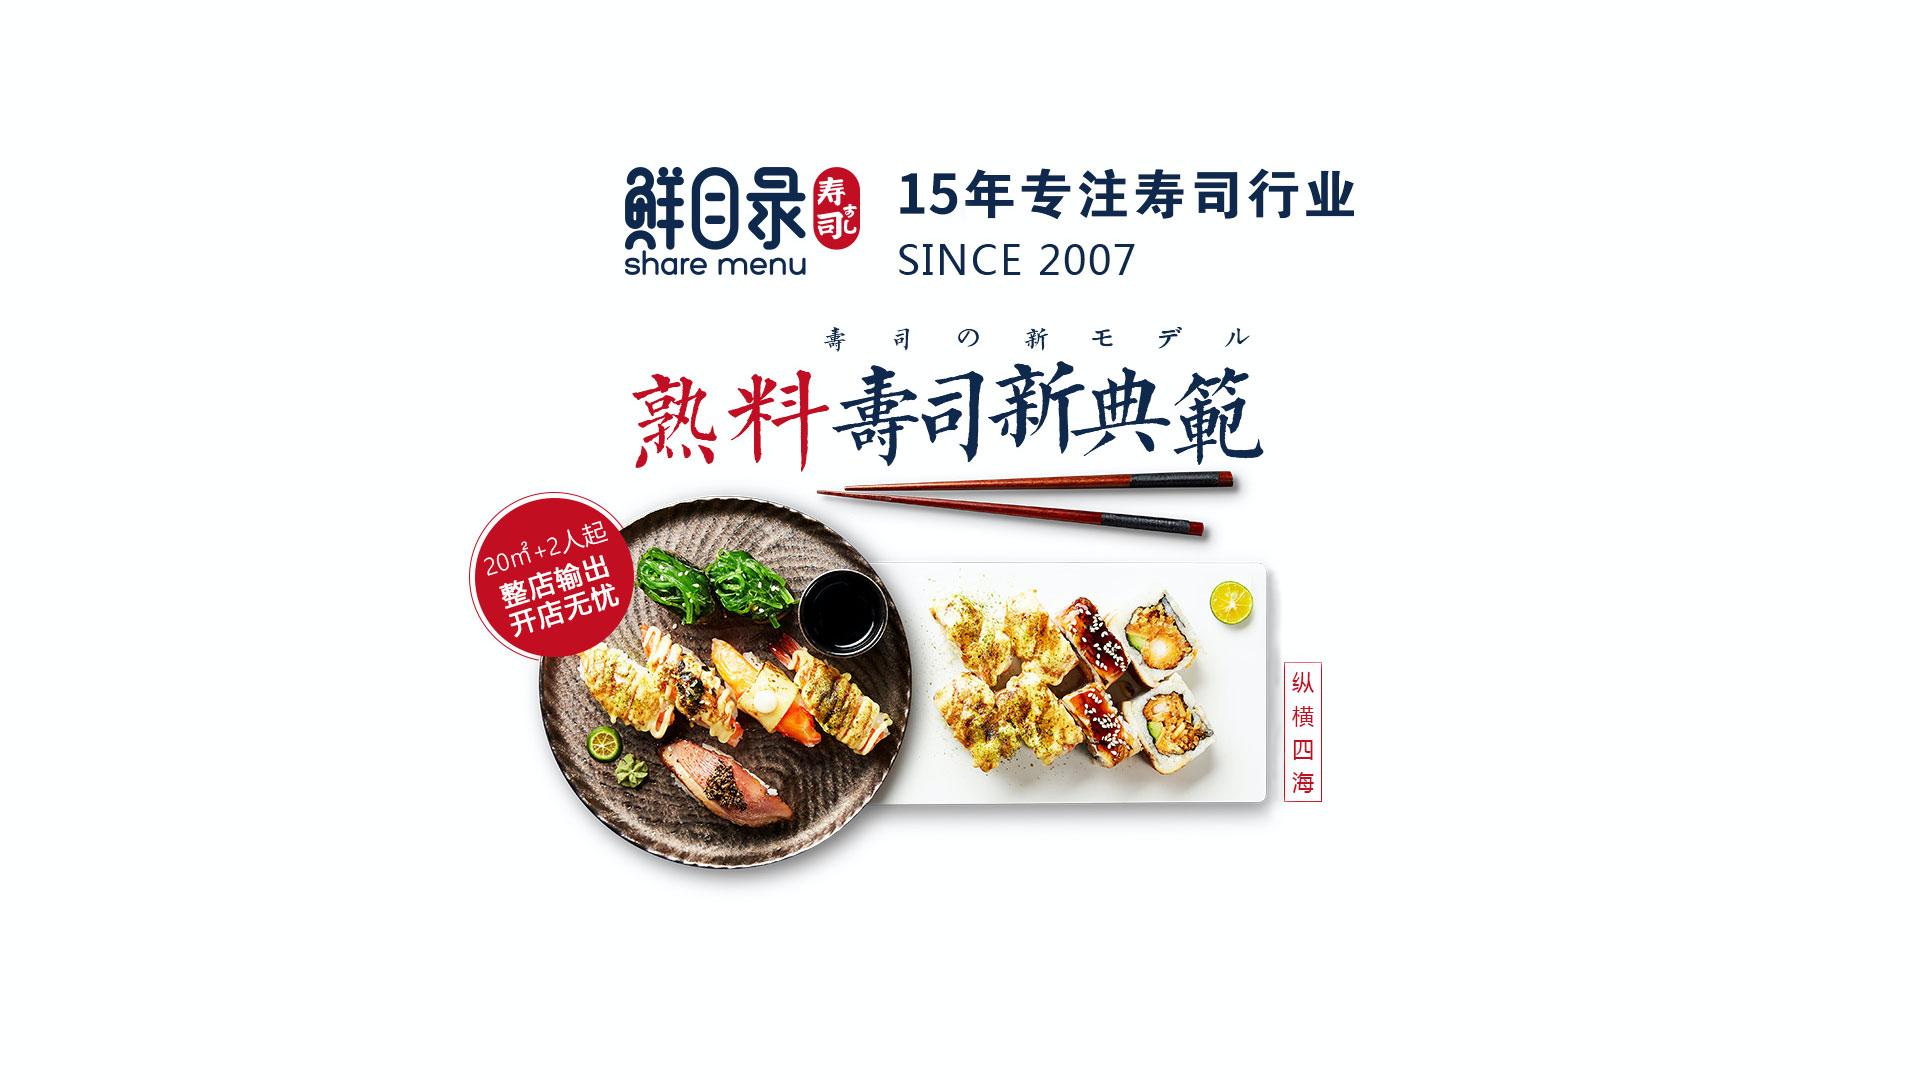 寿司品牌加盟